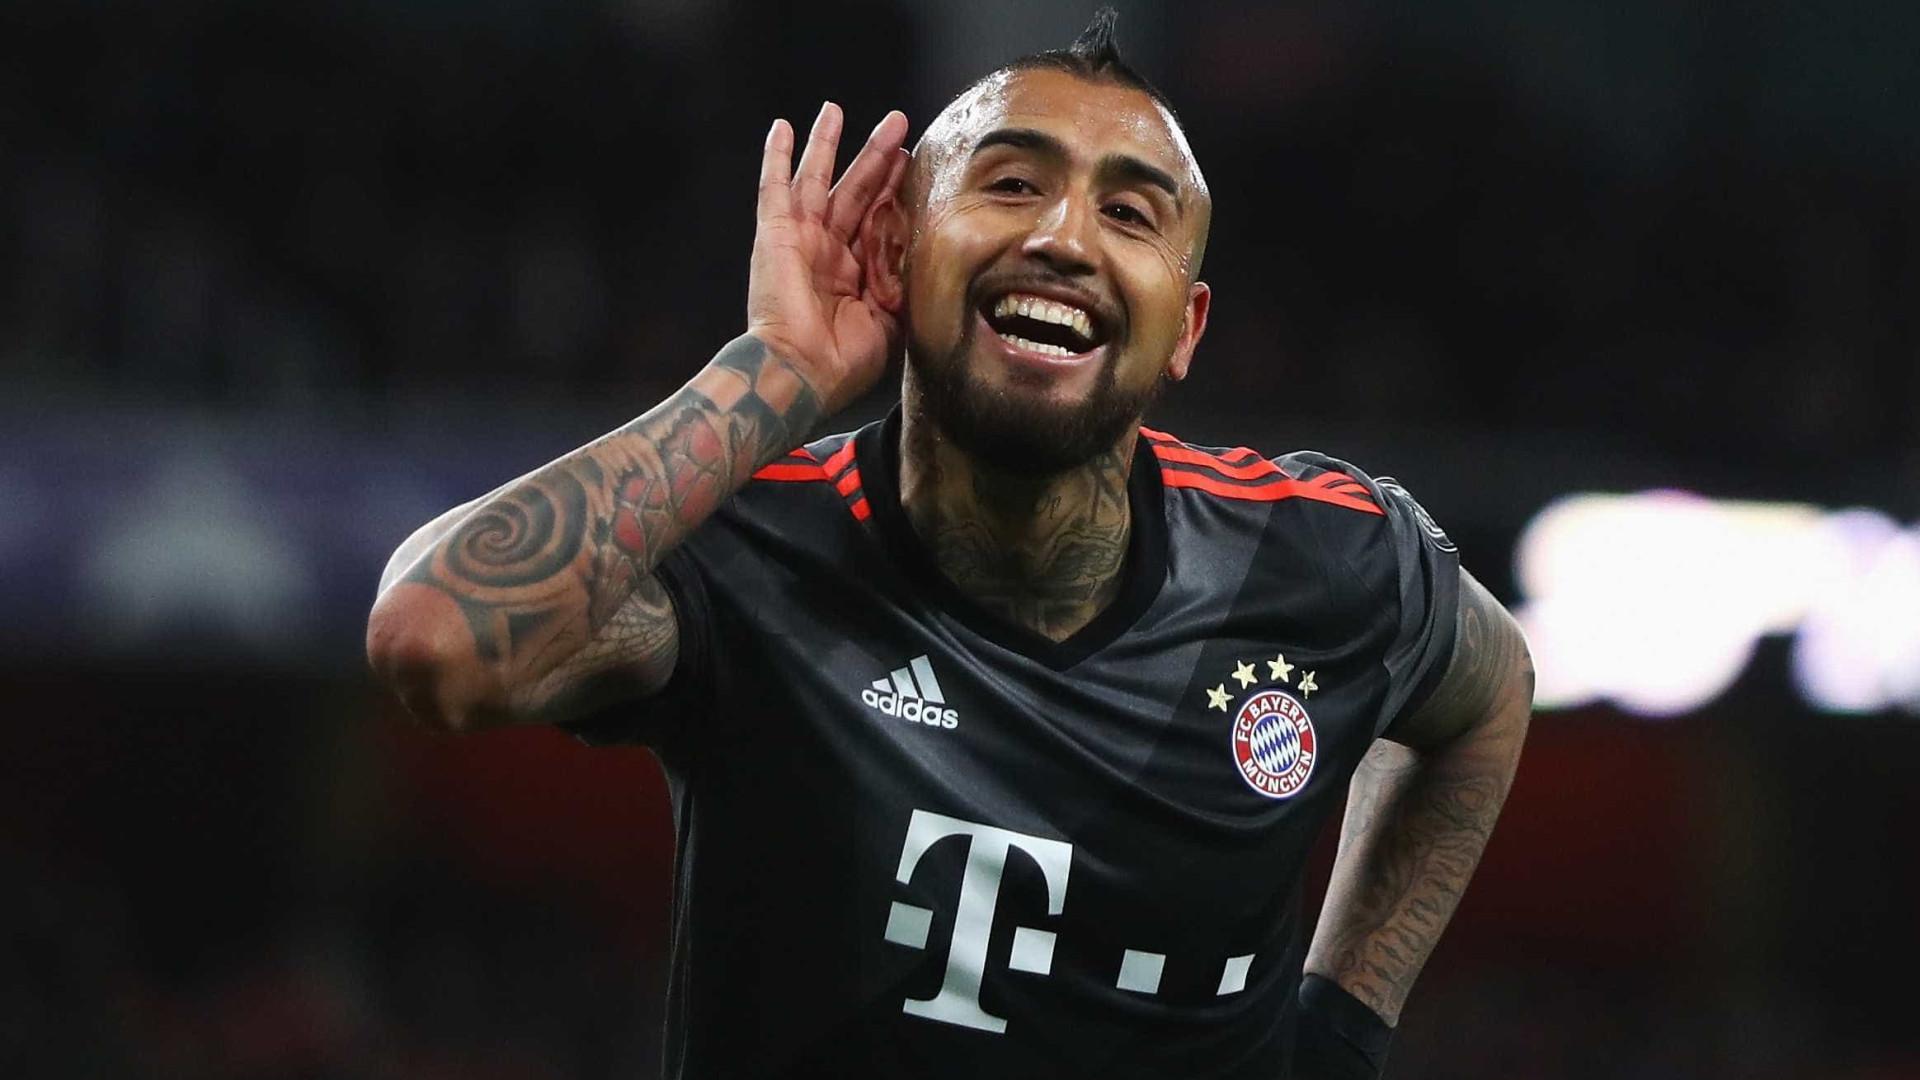 Lesionado, Vidal desfalcará o Bayern nas semis da Champions